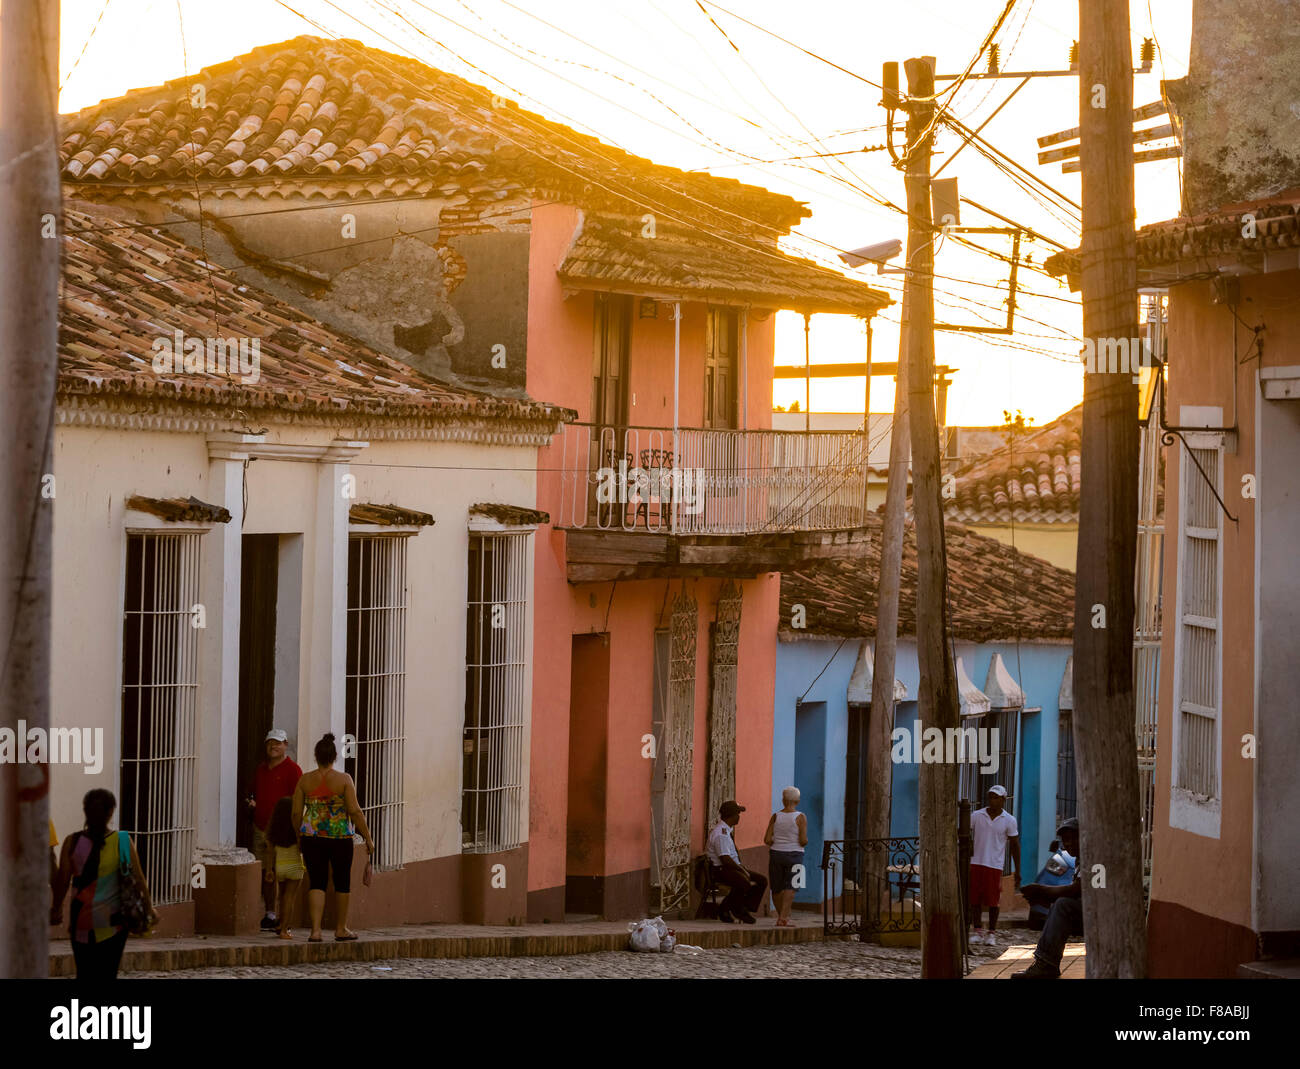 Trinidad, linee di alimentazione, cavo caos caotico impianti elettrici, la vita di strada, scena di strada con tettuccio Immagini Stock